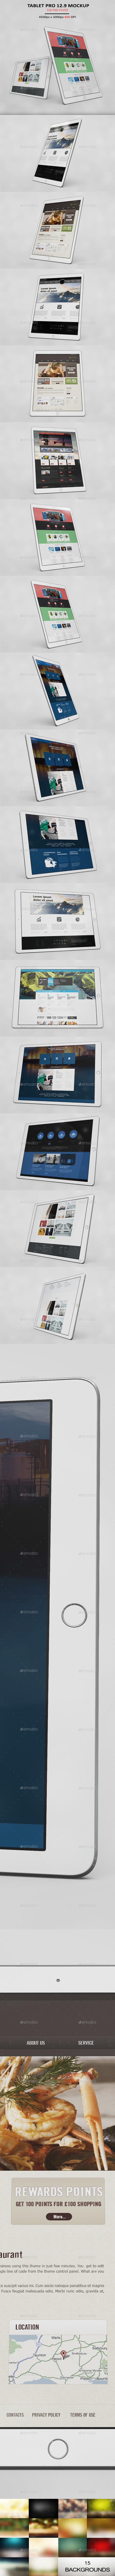 Tablet Pro 12.9 App MockUp 2017 VOL3 - Mobile Displays